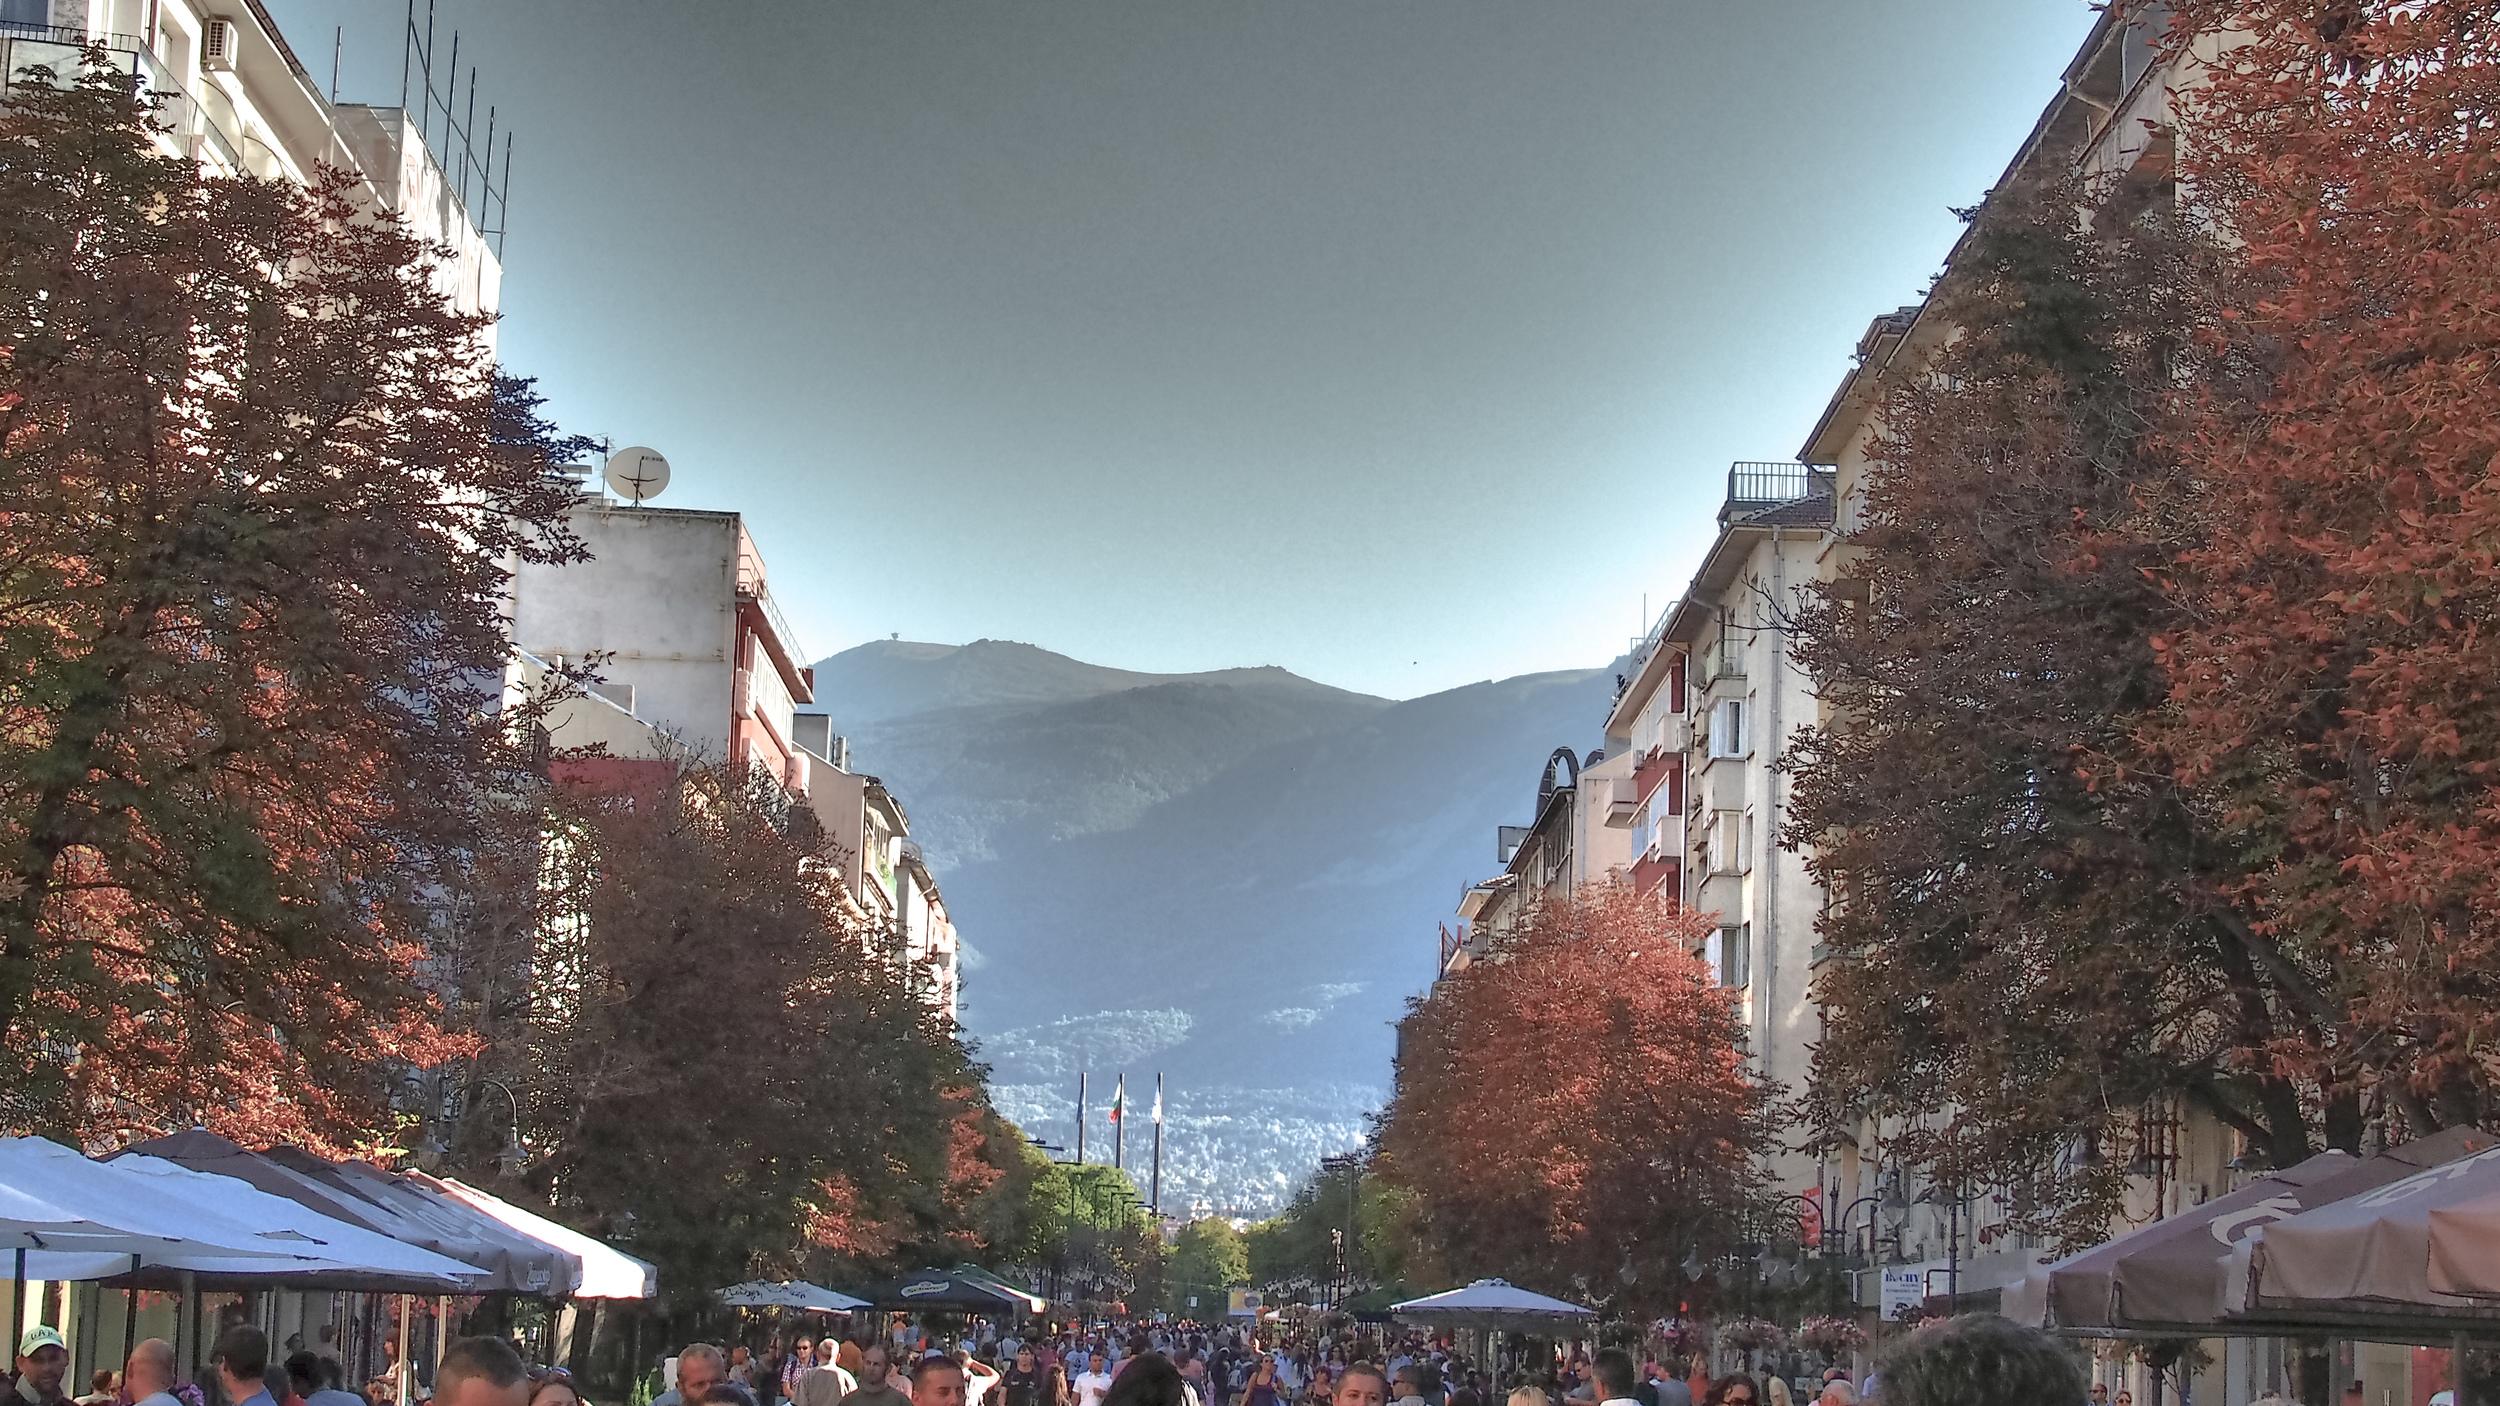 Mount Vitosha rises above the main thoroughfare, the aptly named Vitosha Boulevard.